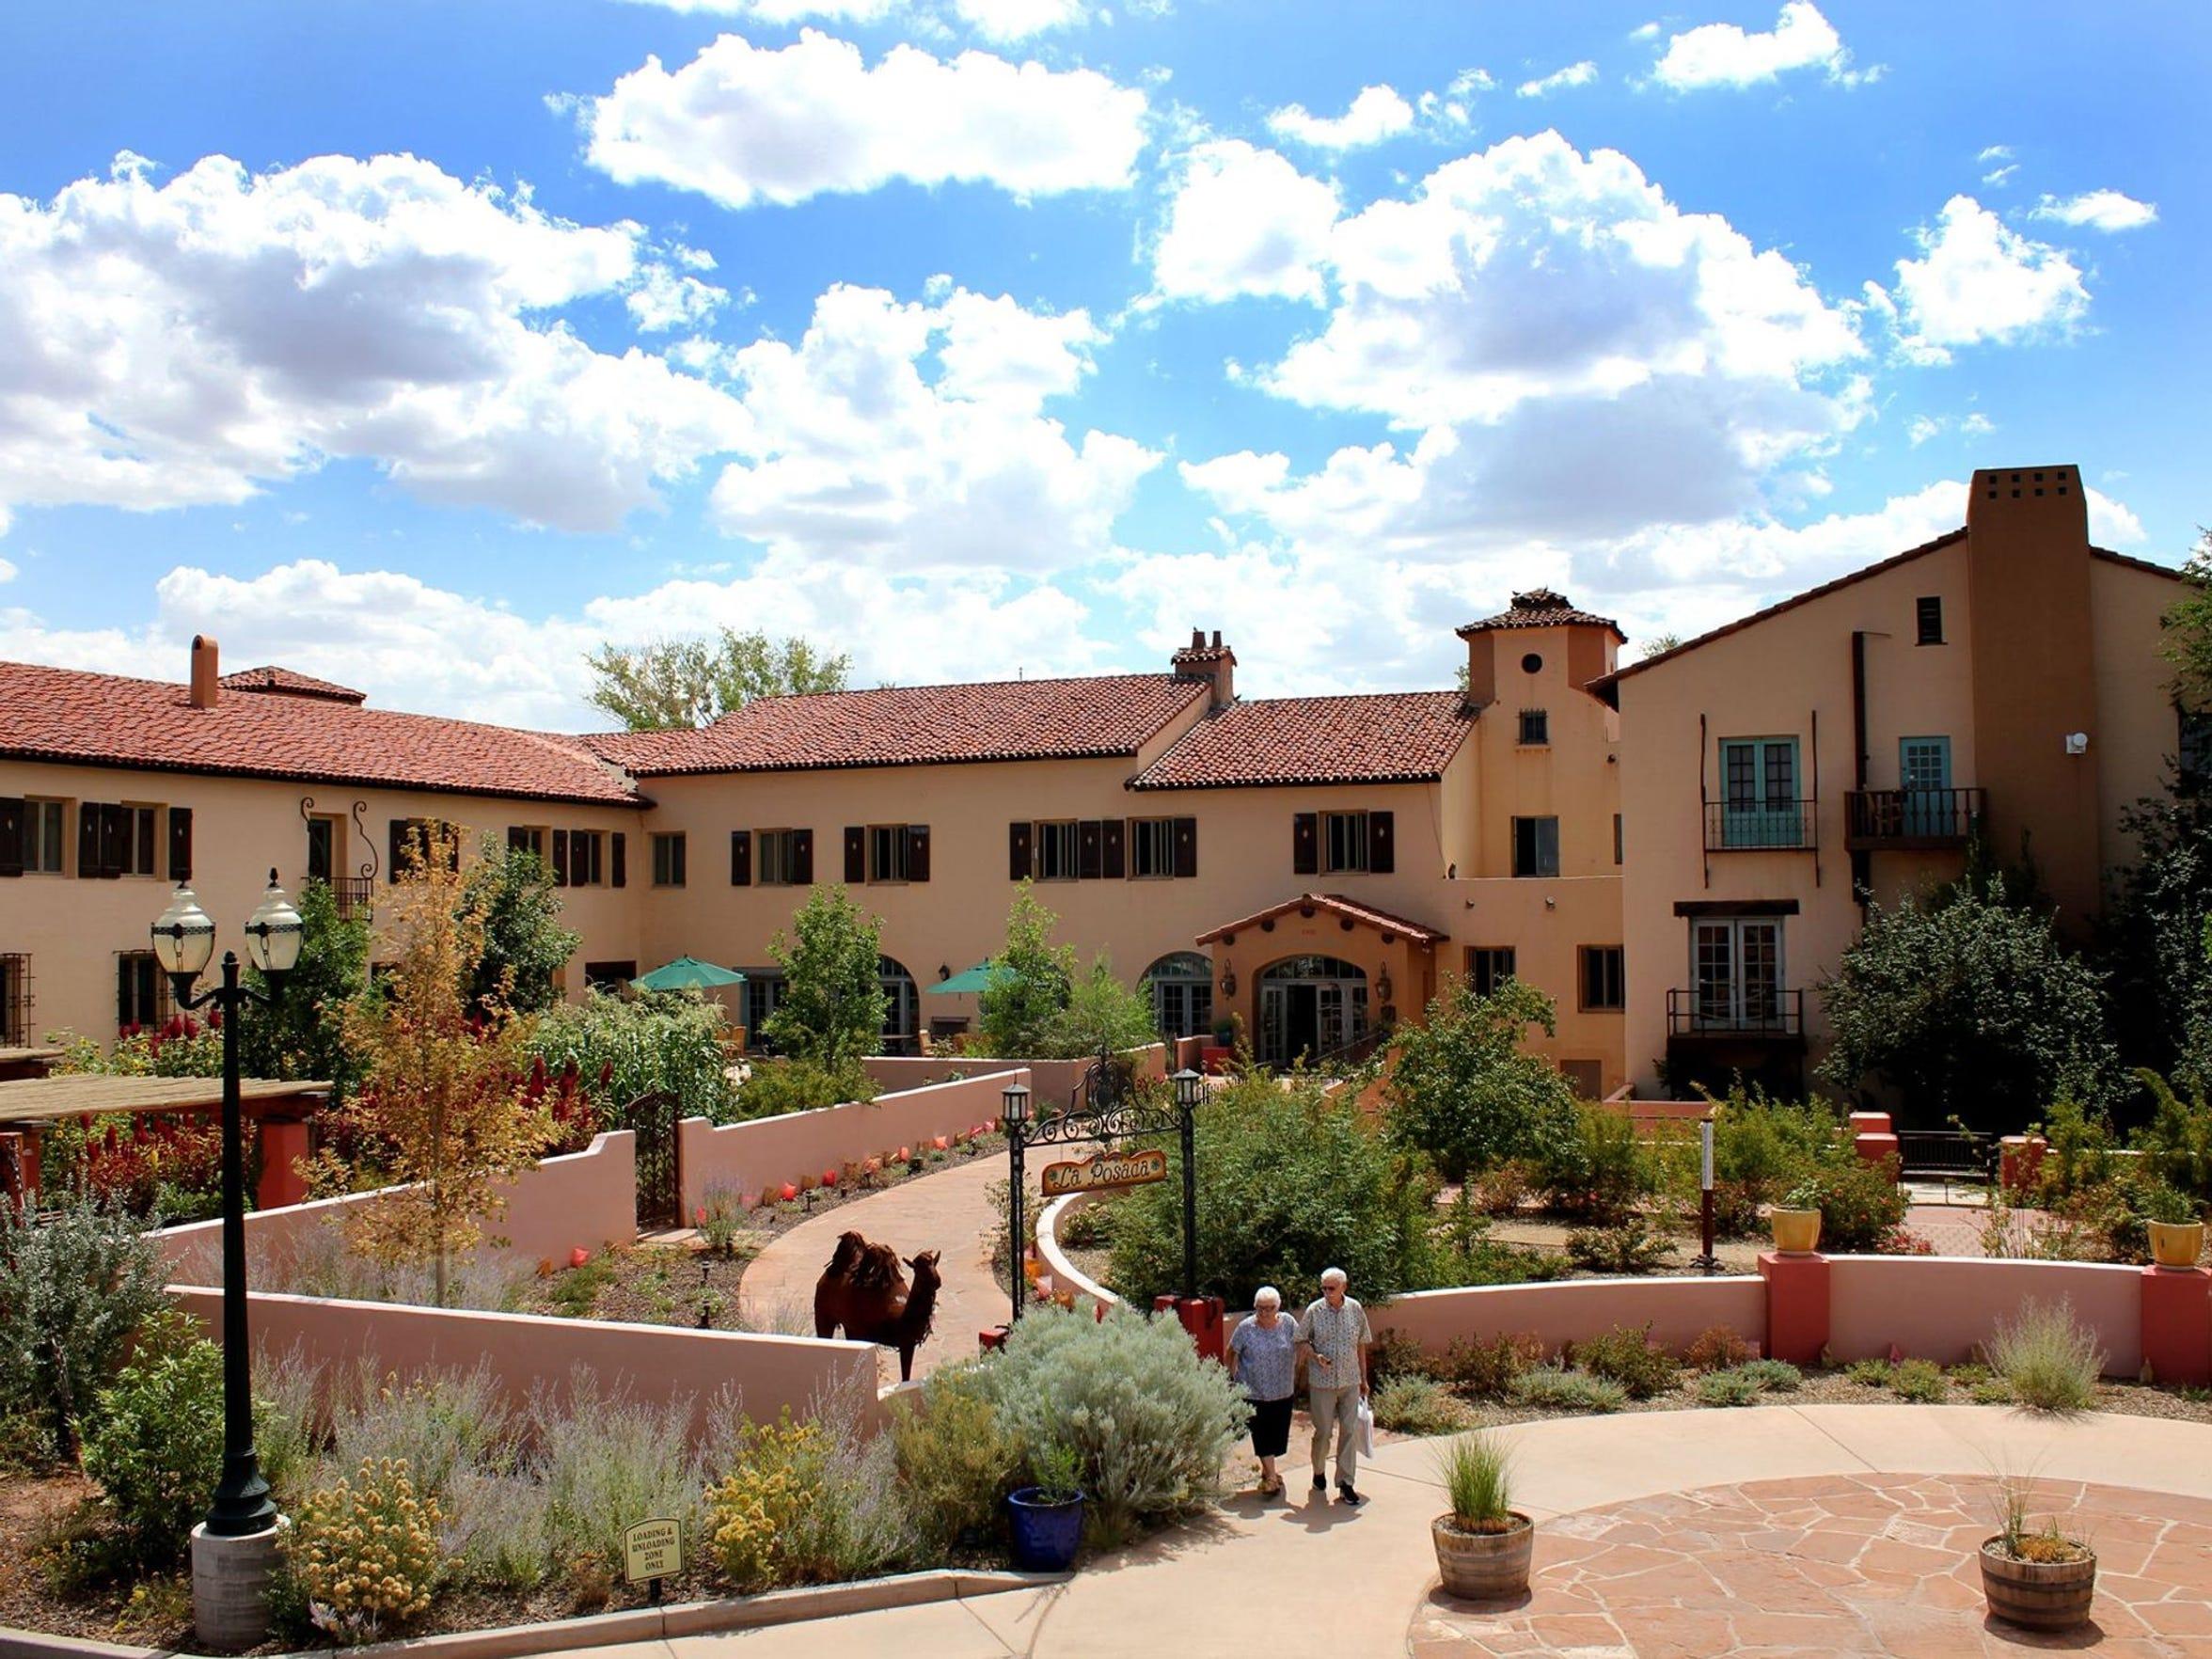 La Posada, el lugar de descanso, fue diseñada por la legendaria arquitecta Mary Colter en 1929, y aunque es conocida por sus hoteles en el Gran Cañón, consideró que este hotel de Arizona era su obra maestra.